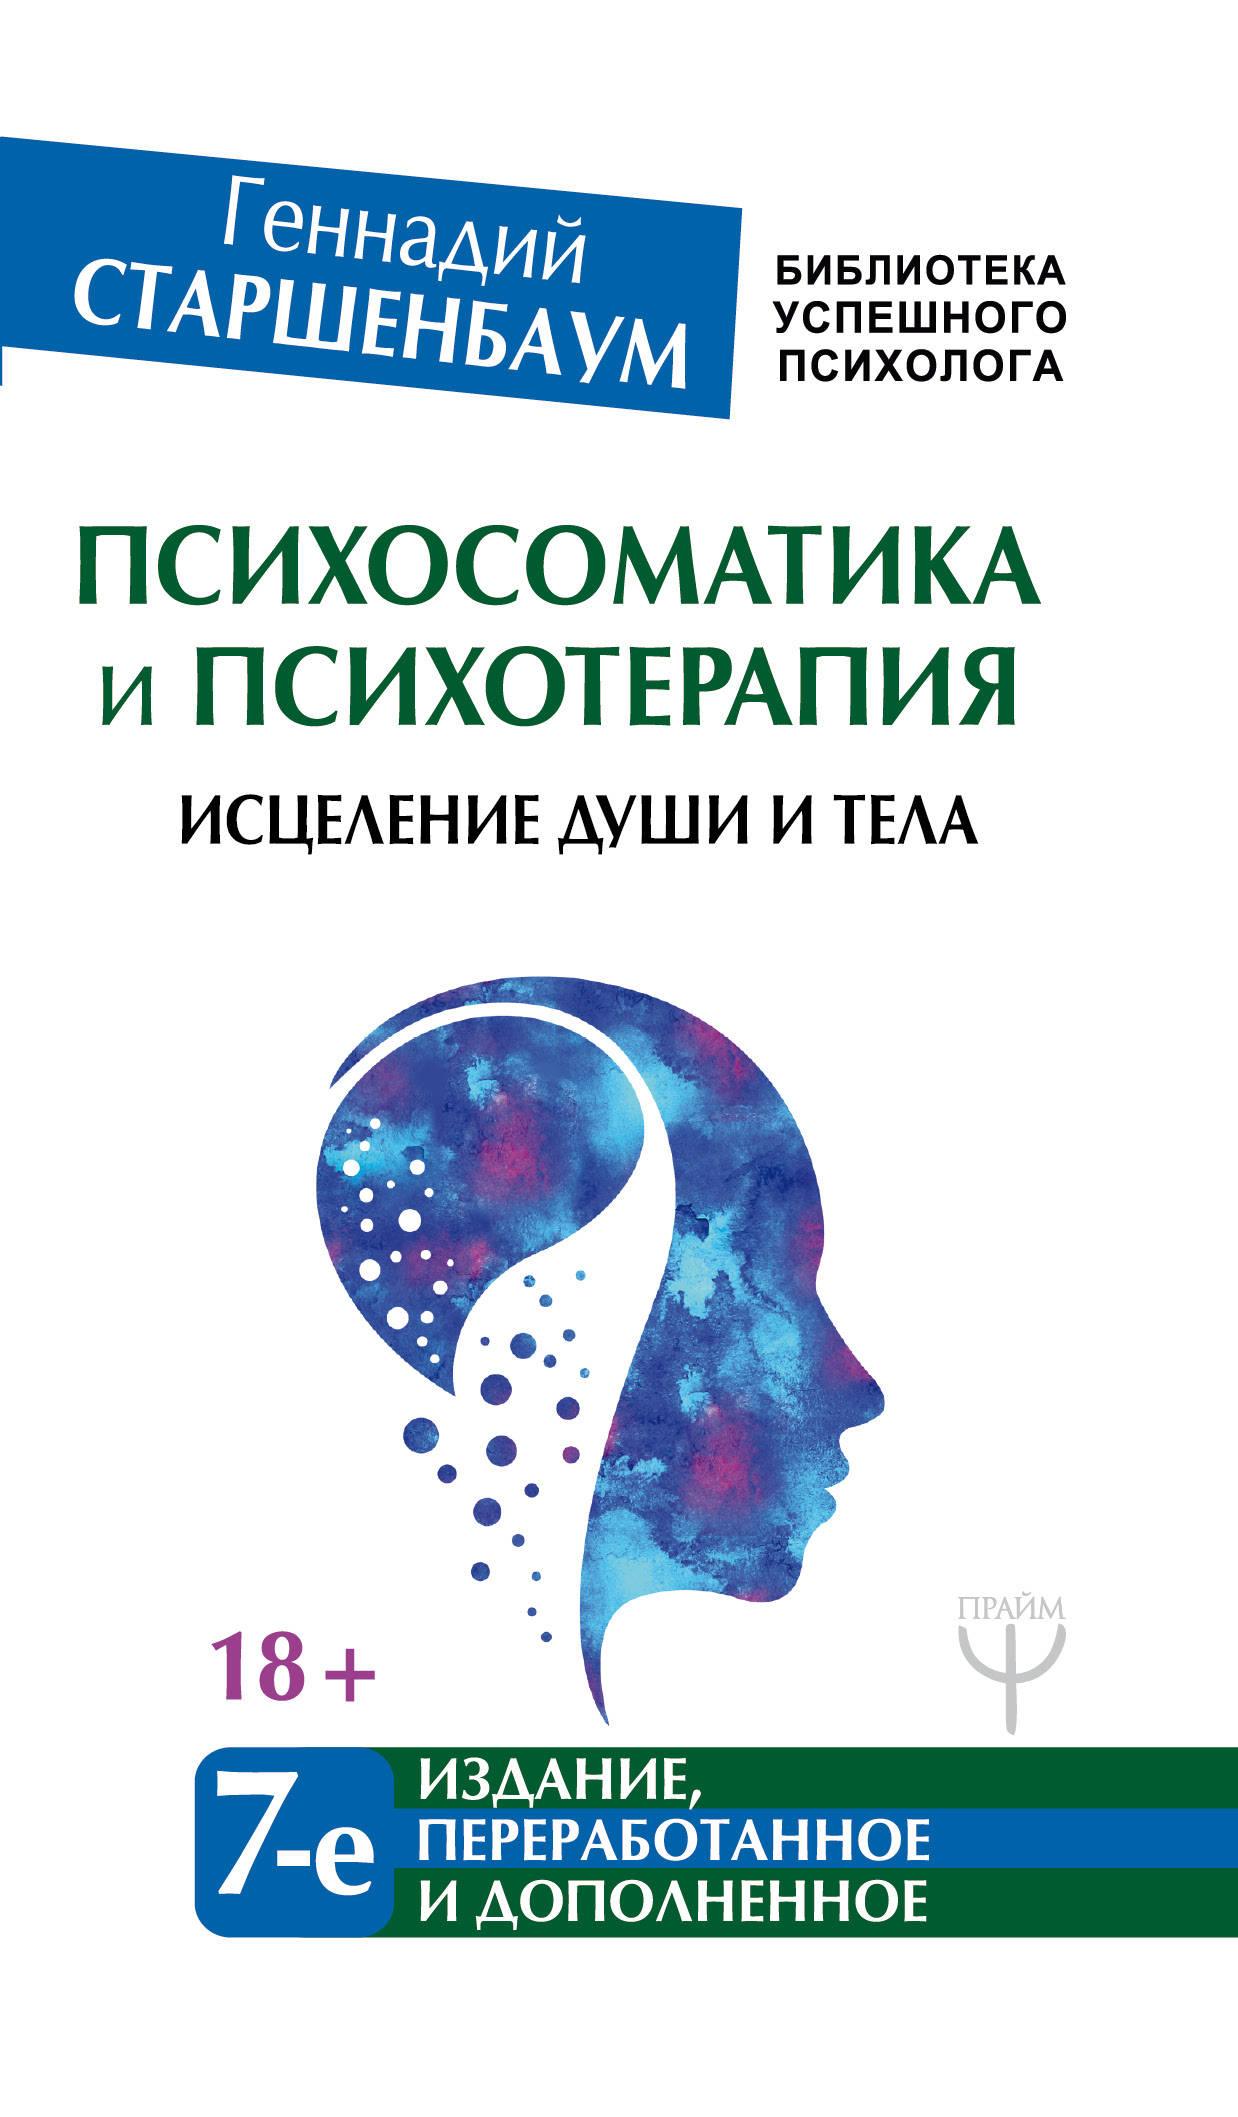 Психосоматика и психотерапия. Исцеление души и тела. 7-е издание, переработанное и дополненное ( Старшенбаум Г.В.  )